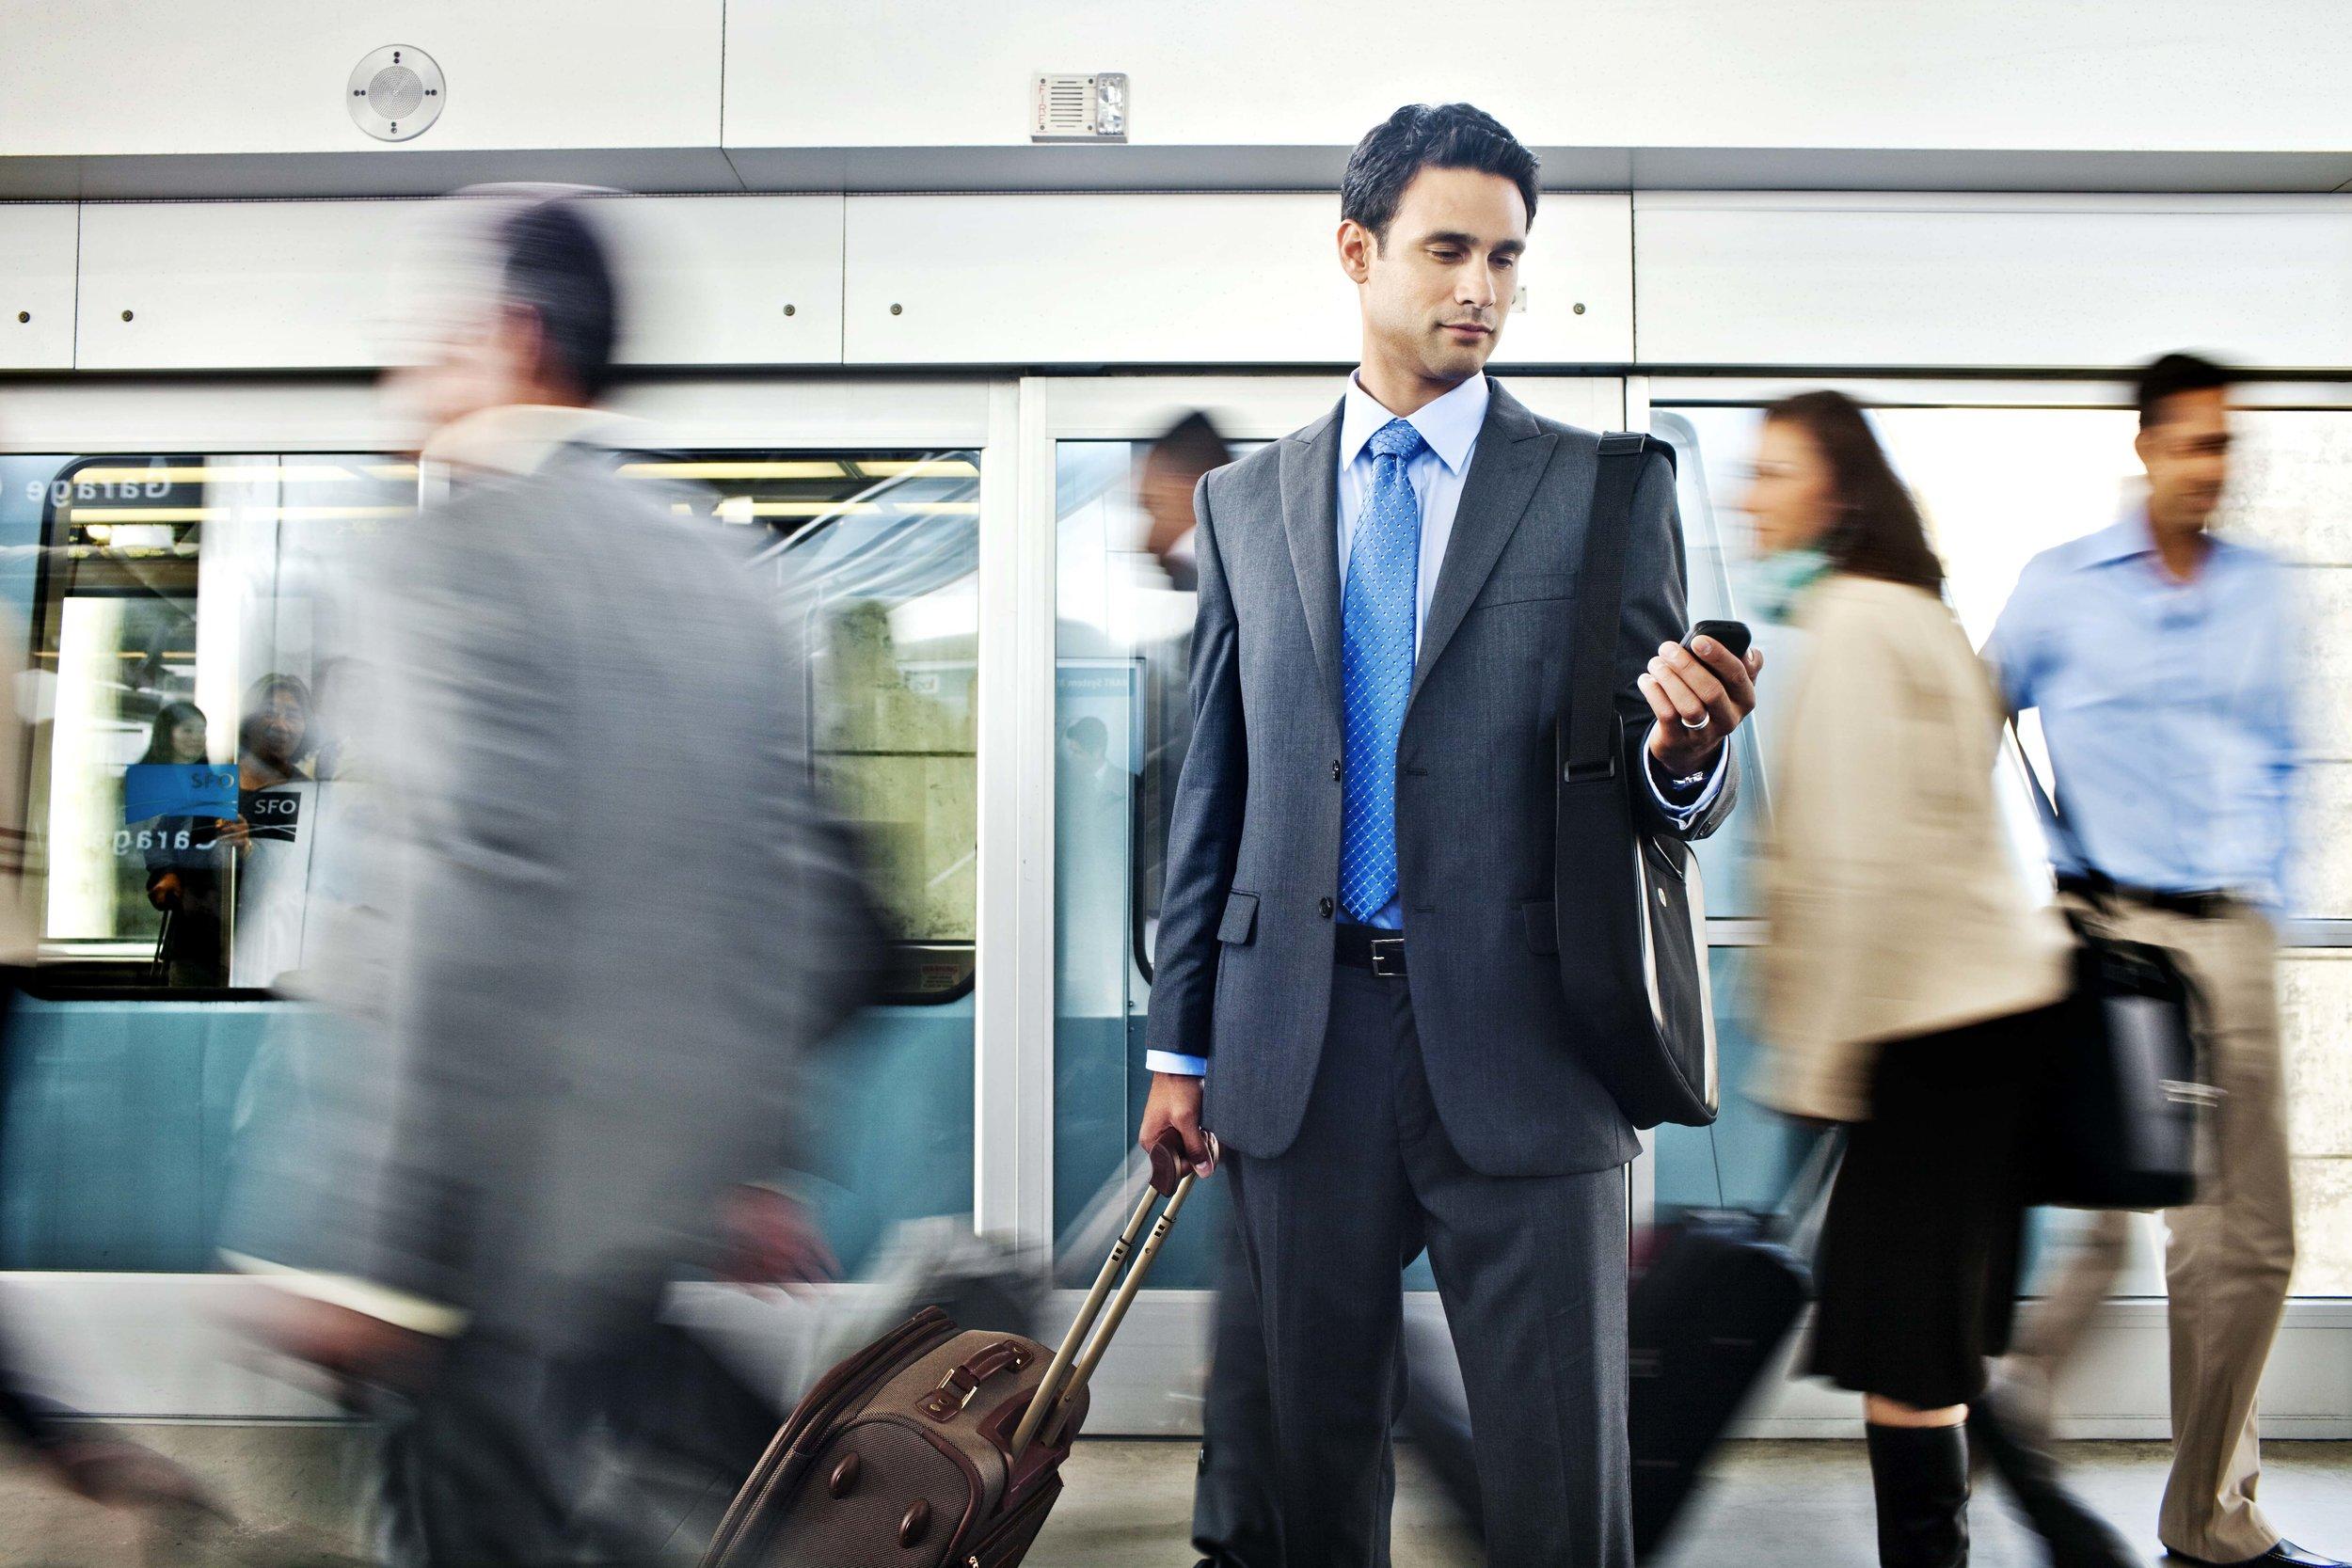 Airport_Tram_0175.jpg